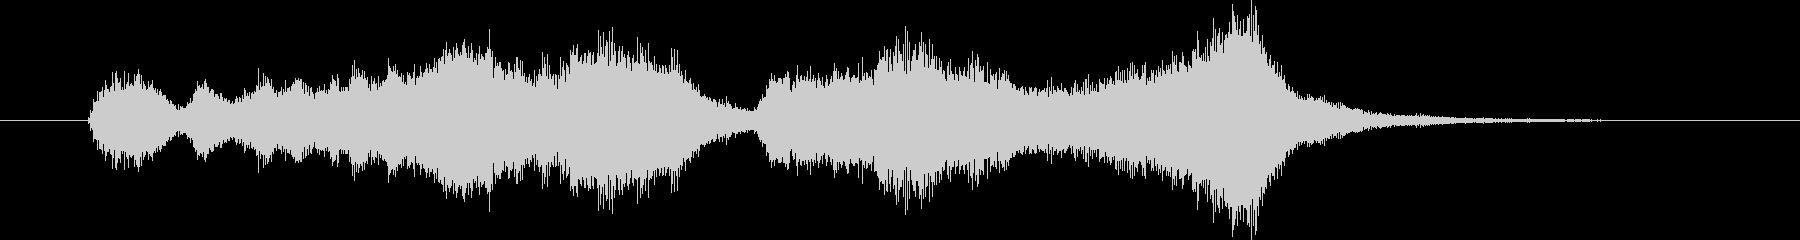 ファンファーレ02の未再生の波形